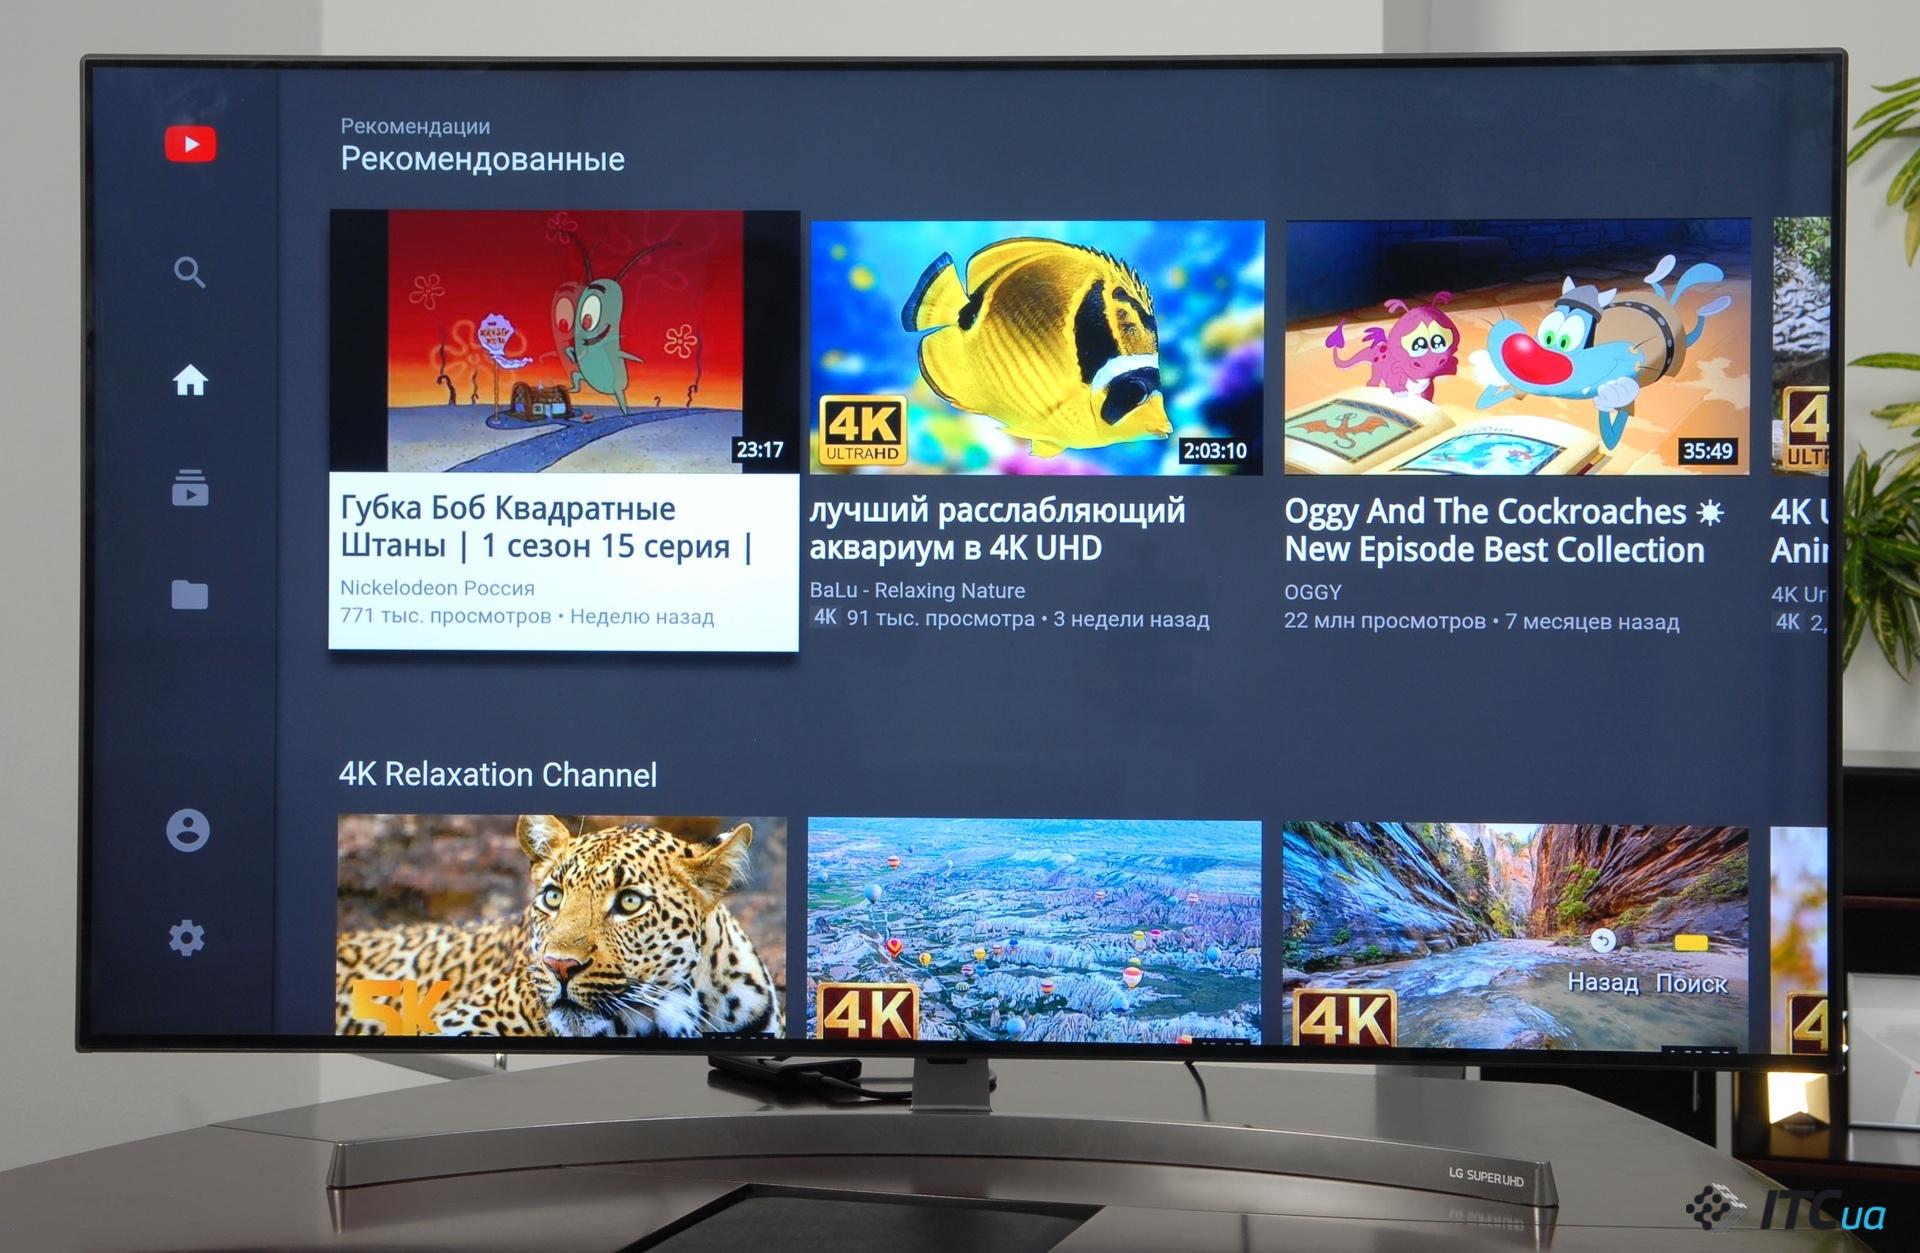 Обзор 4К-телевизора LG 55SK8500 - ITC ua